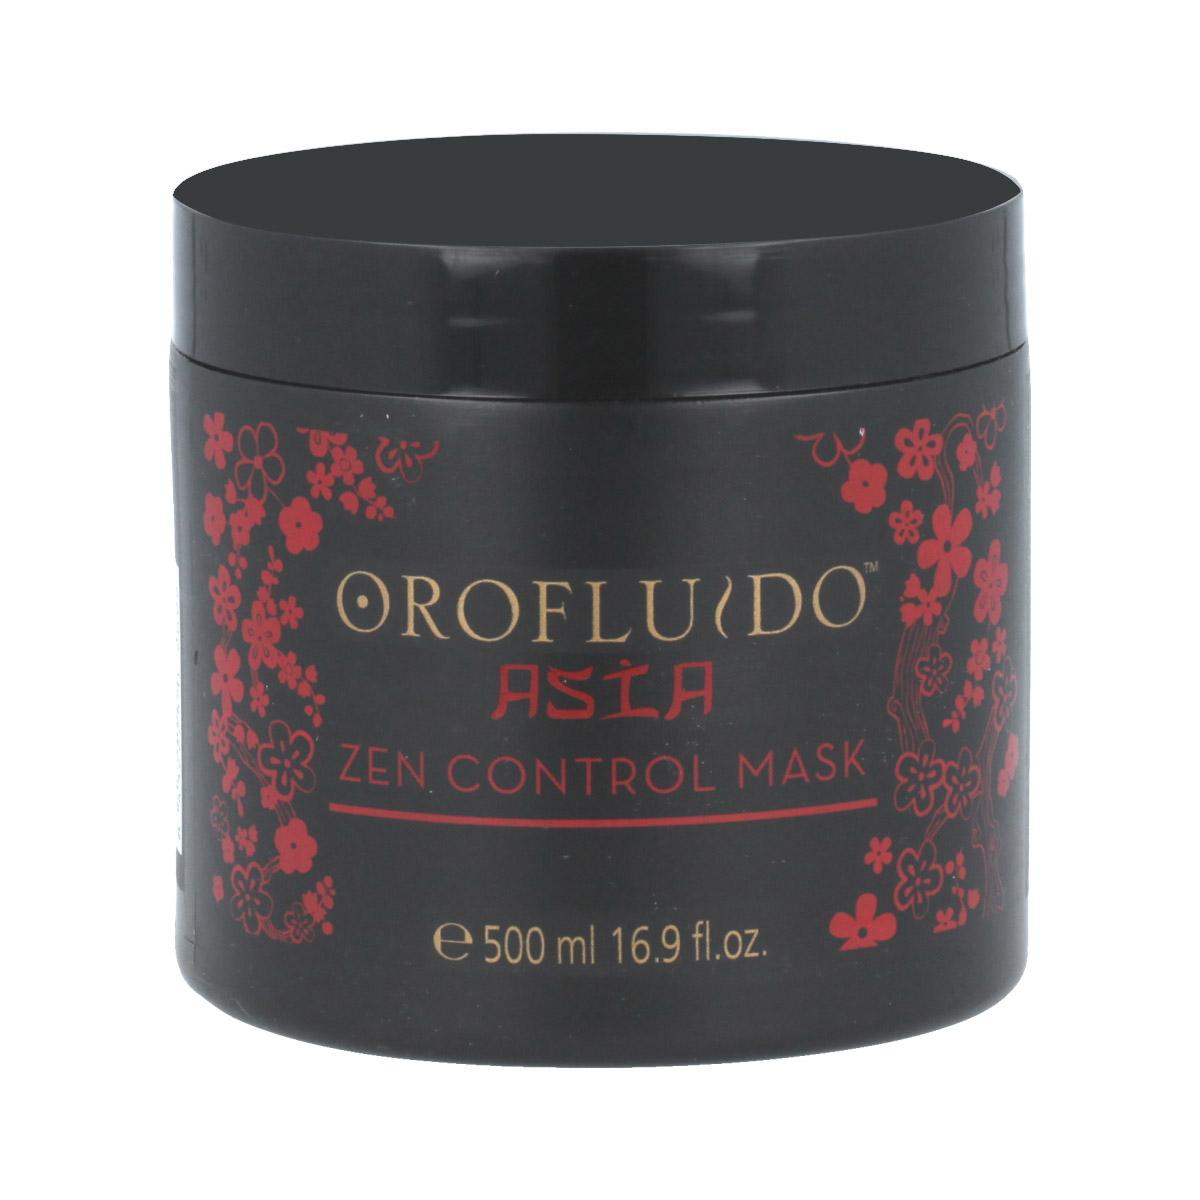 Orofluido(TM) Orofluido Asia Zen Control Hair Mask 500 ml 93290